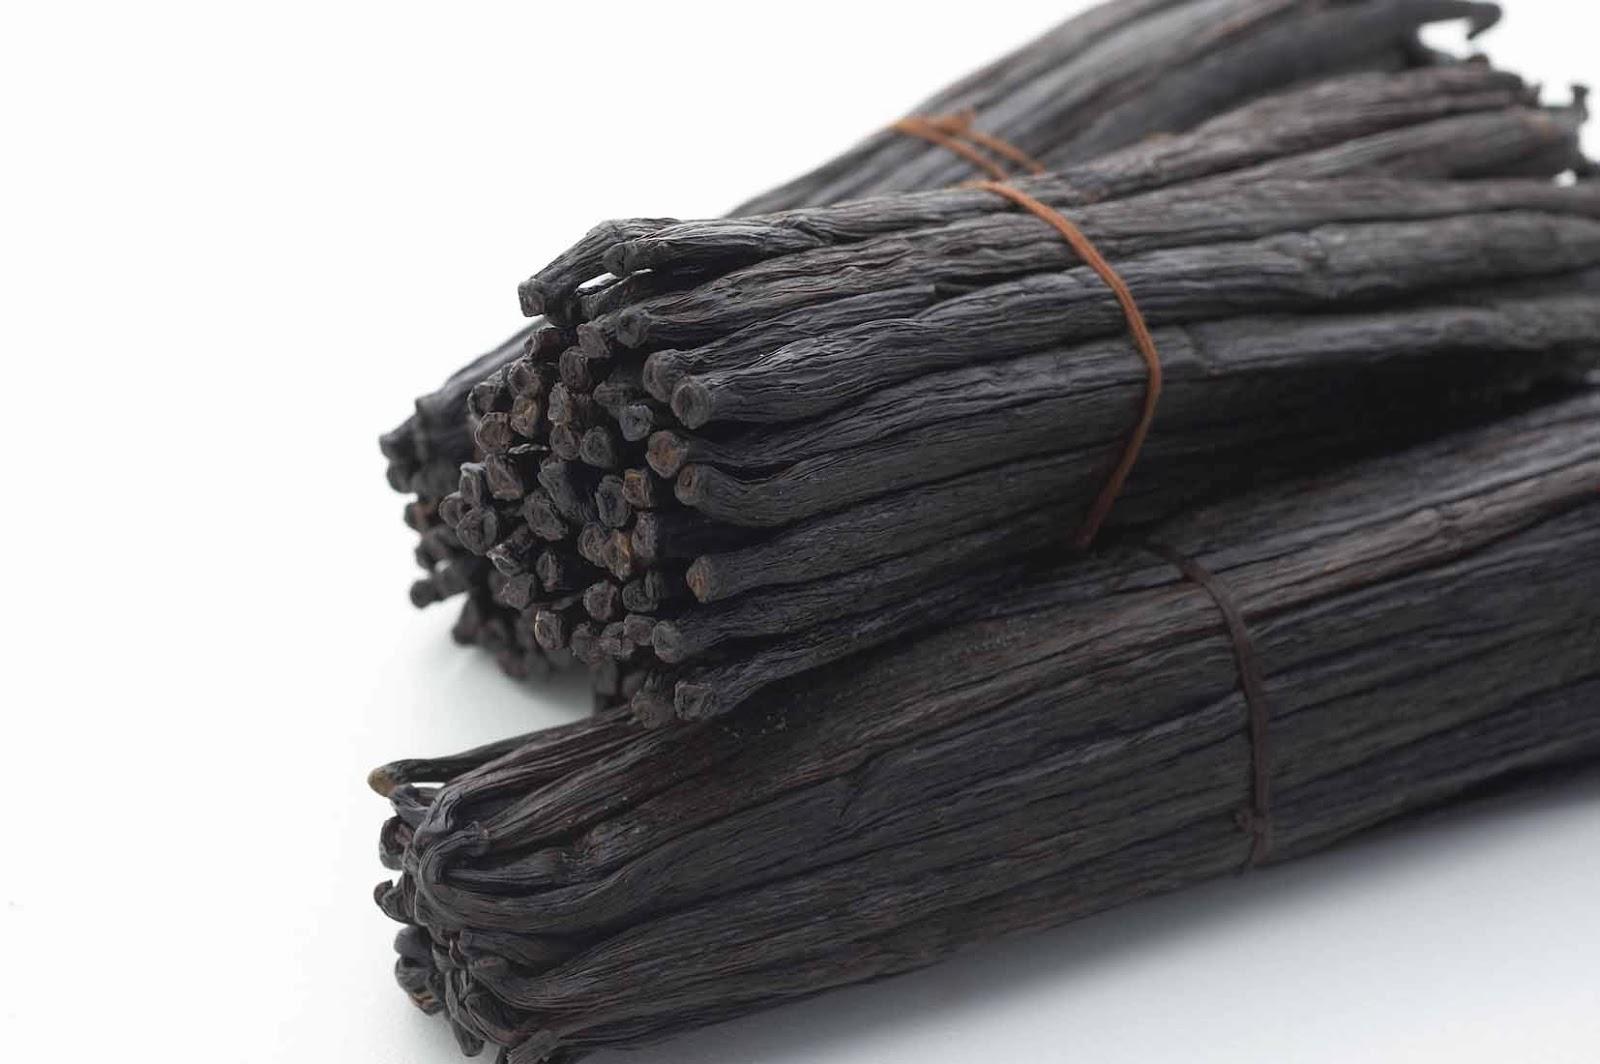 Cách phân biệt các loại vanilla trong làm bánh -2 phân biệt các loại vanilla Phân biệt các loại Vanilla trong làm bánh cach phan biet cac loai vanilla trong lam banh 6